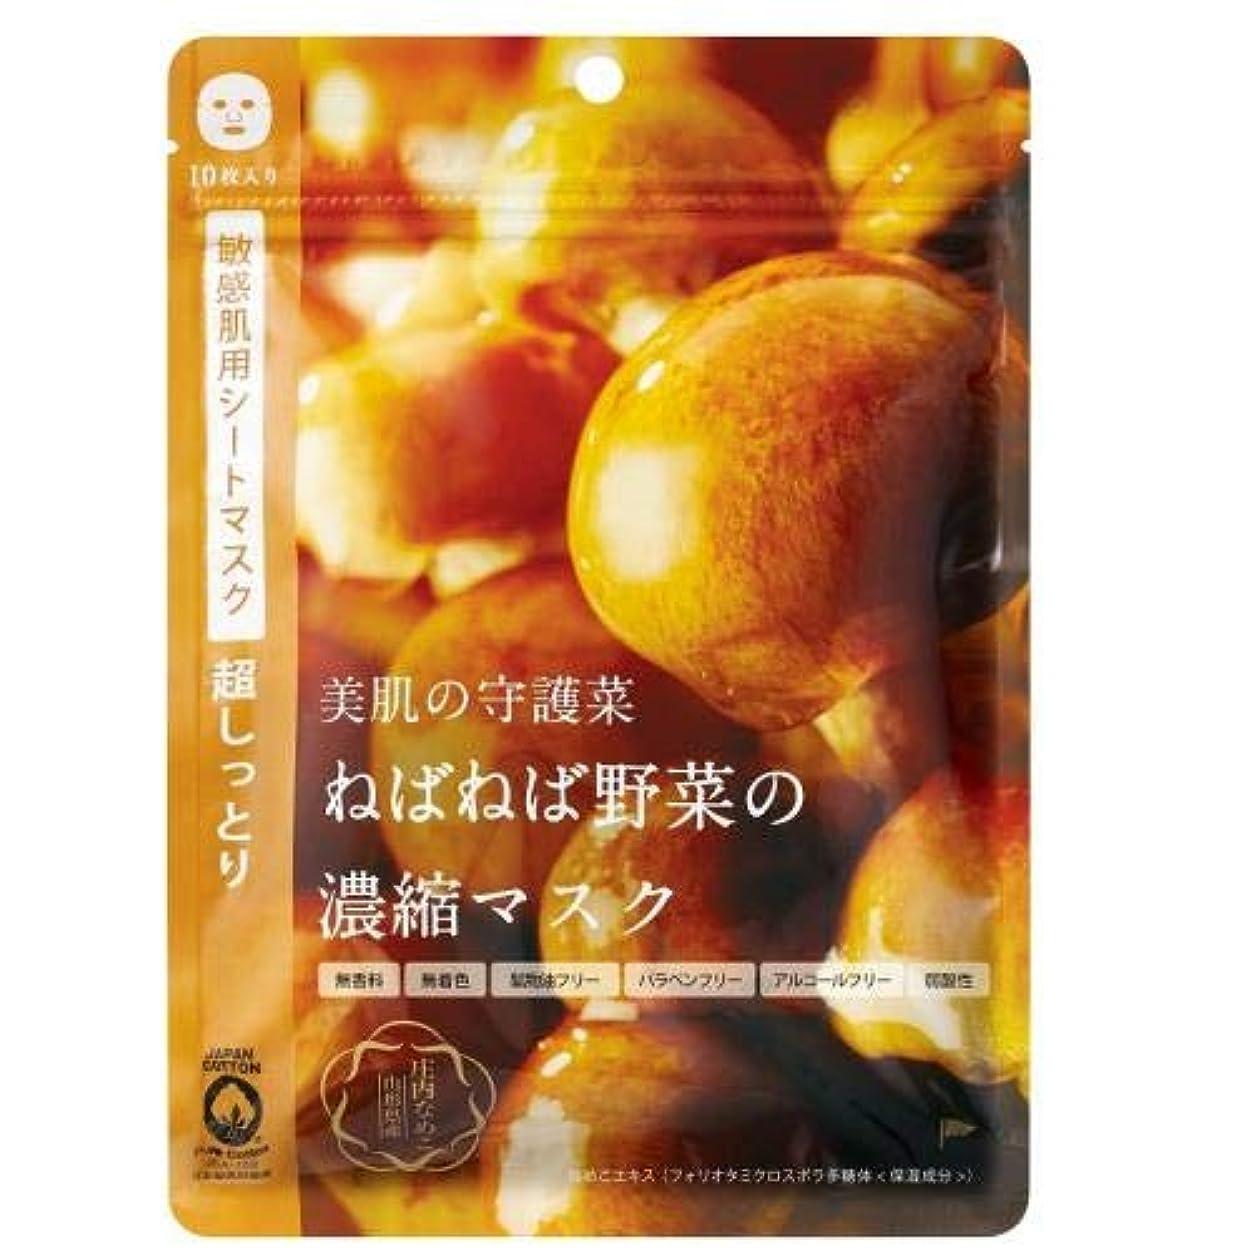 アコードオーナメント発信アイメーカーズ @cosme nippon (アットコスメニッポン) 美肌の守護菜 ねばねば野菜の濃縮マスク 庄内なめこ 10枚 3個セット